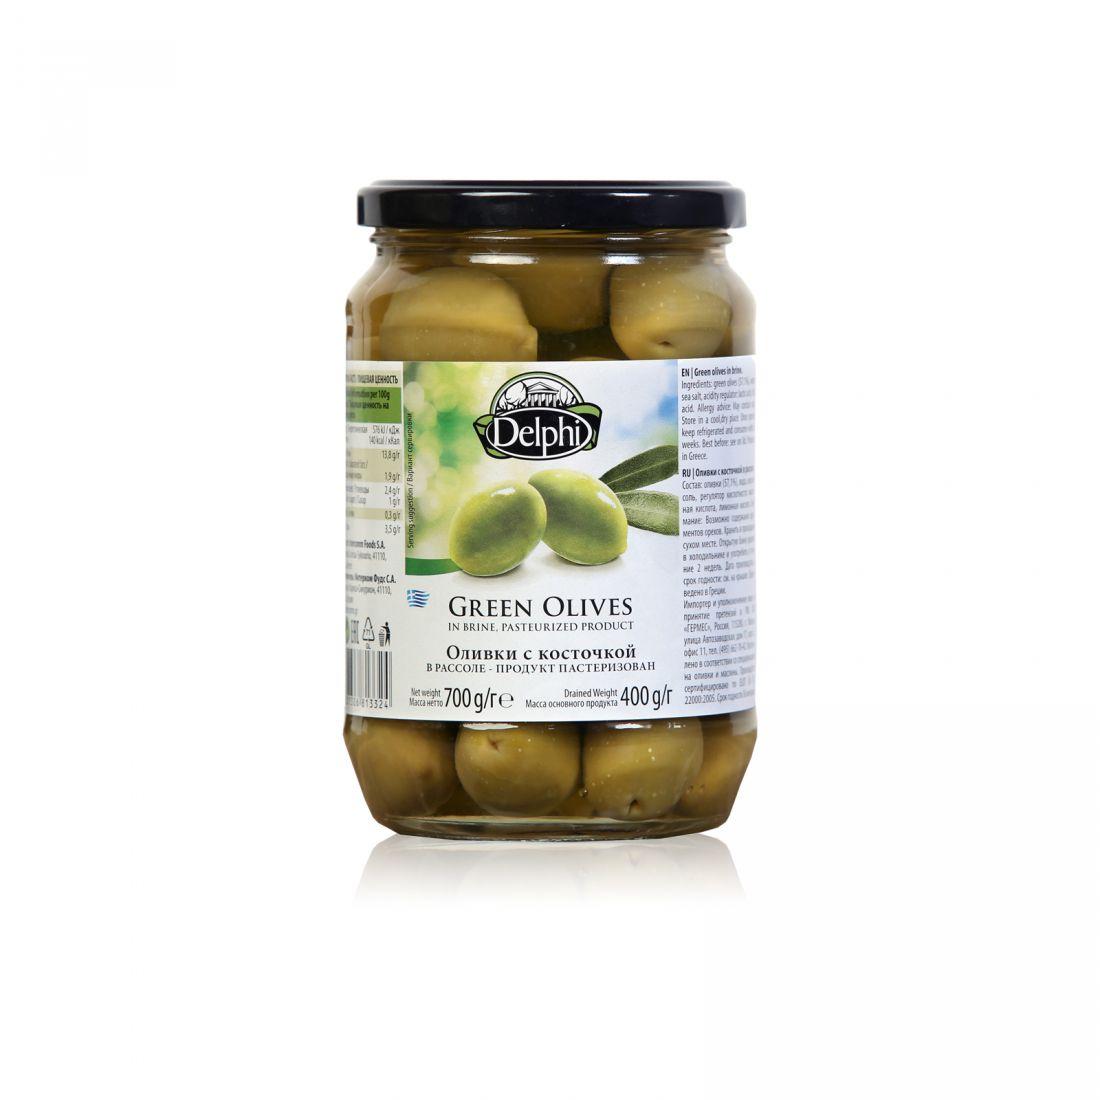 Оливки зеленые Delphi - 700 гр с косточкой в рассоле, стекло